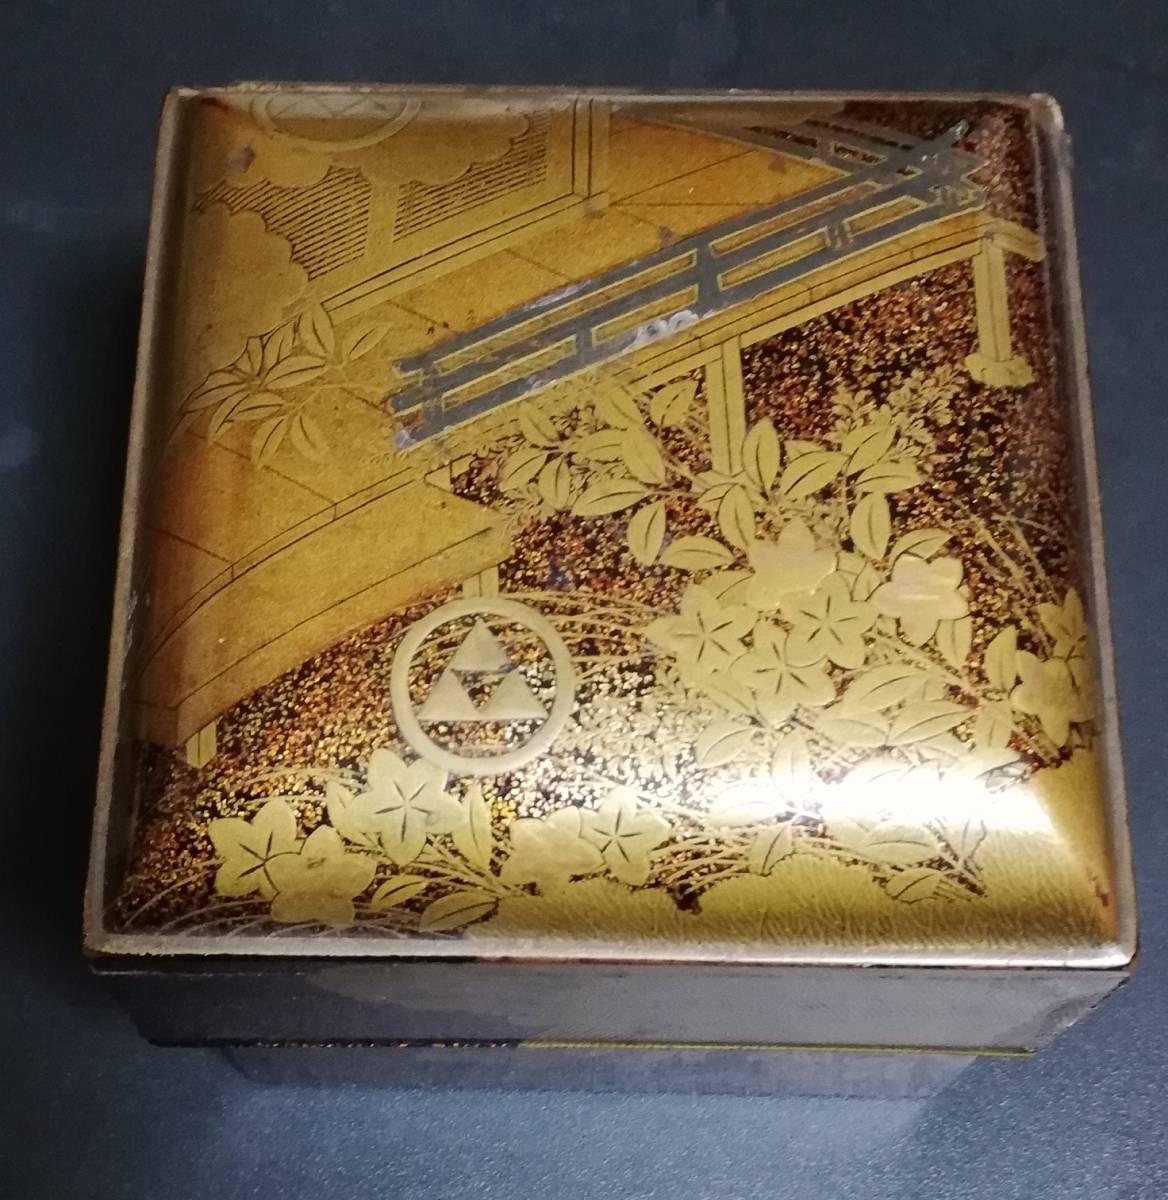 時代漆器 本金蒔絵小箱 鎌倉北条氏 丸に三つ鱗紋 家紋 煎茶道具 古美術品 香道具_画像2